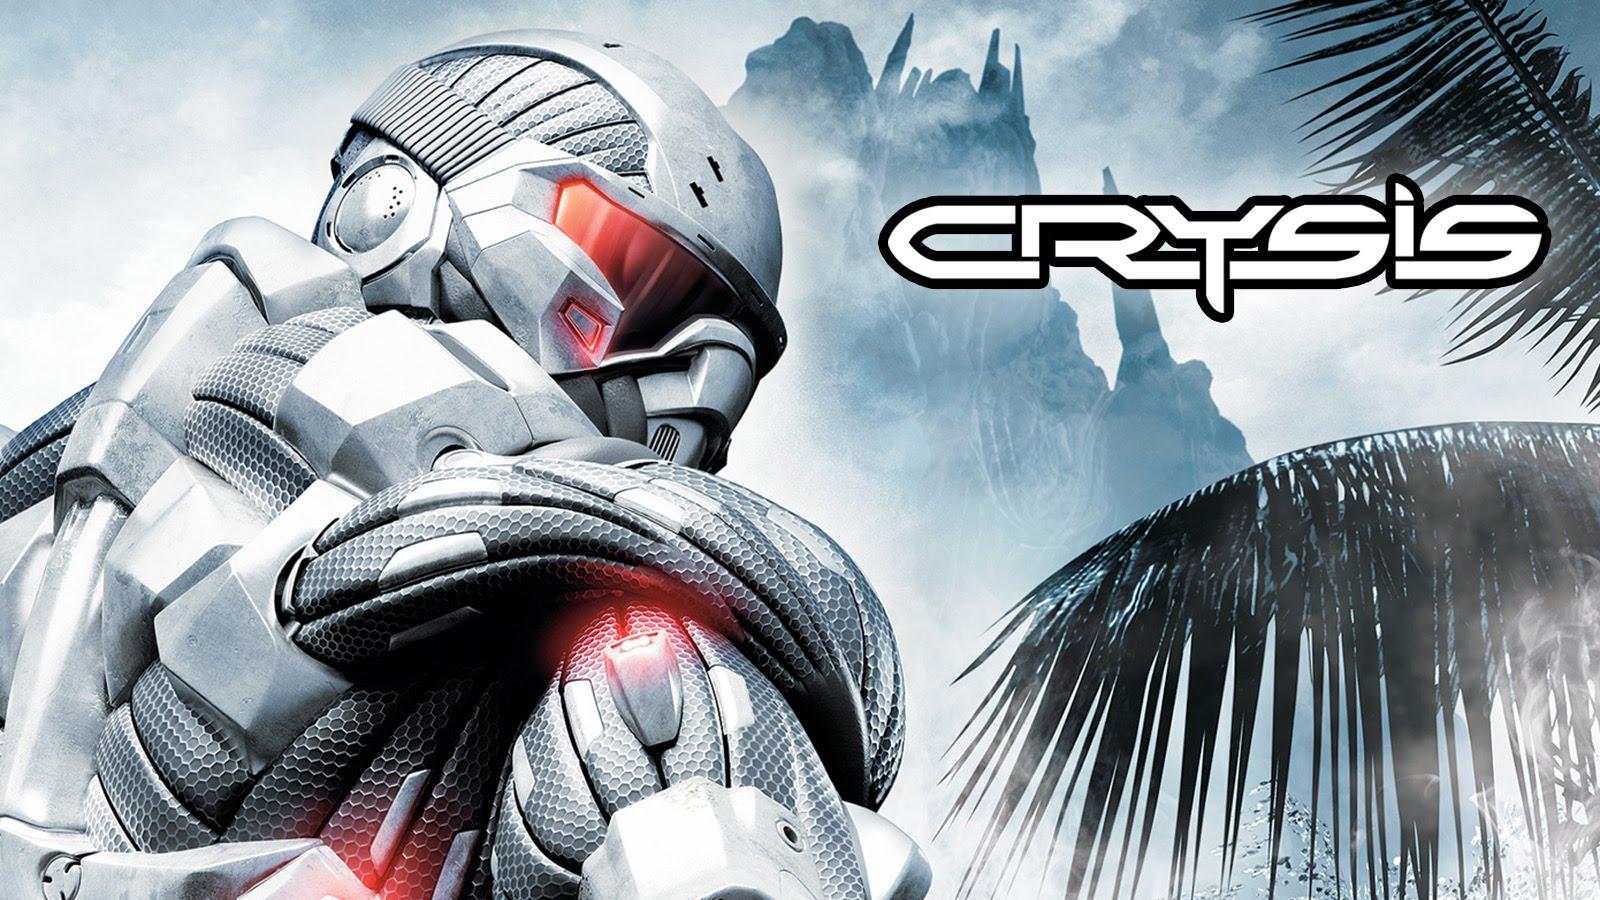 Твиттер Crysis продолжает тизерить. Скорей всего ремастер / ремейк первой части